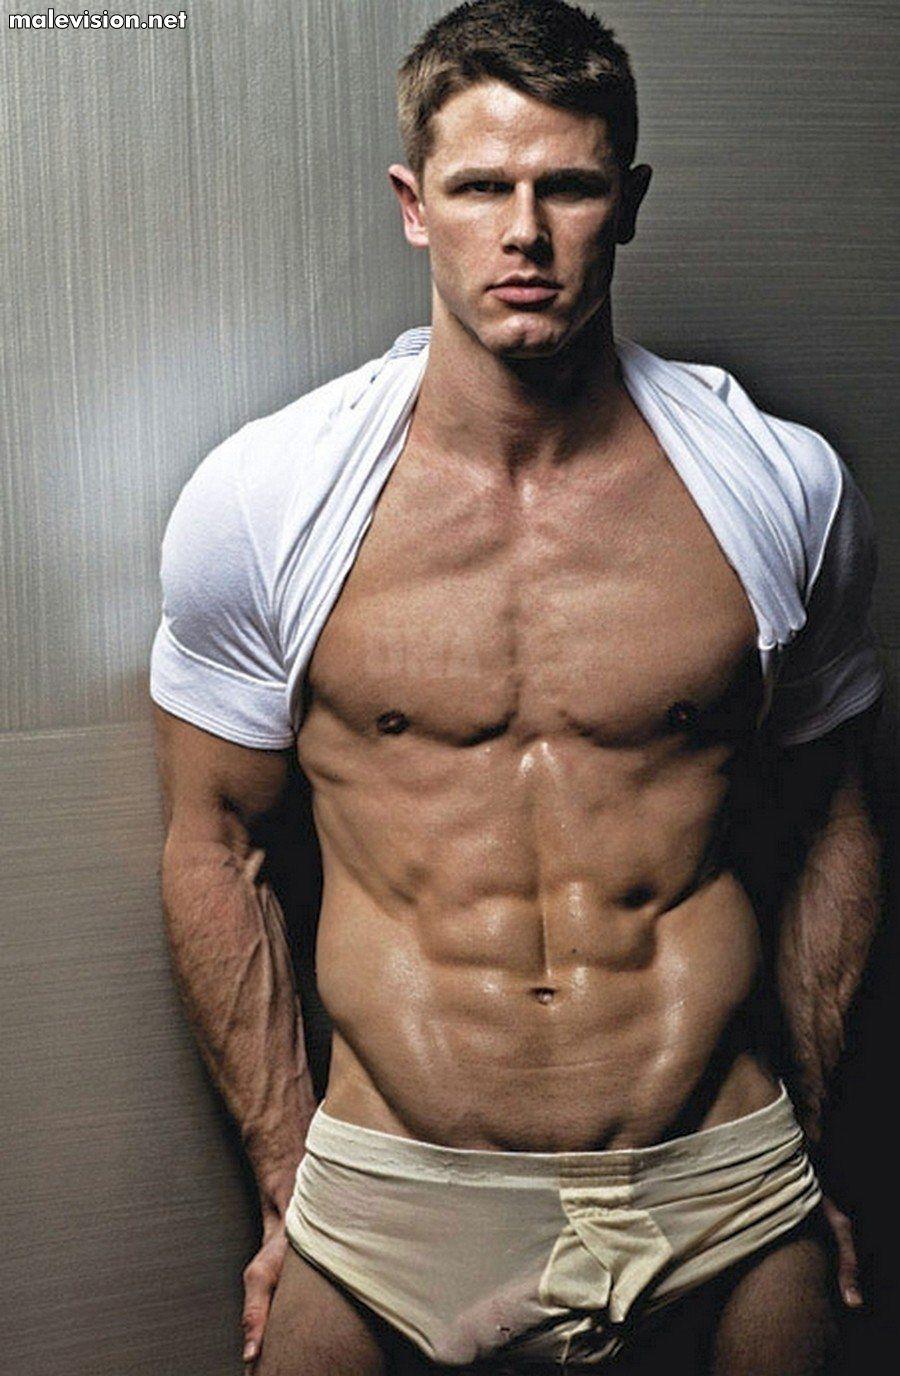 Andy Speer - male models galleries